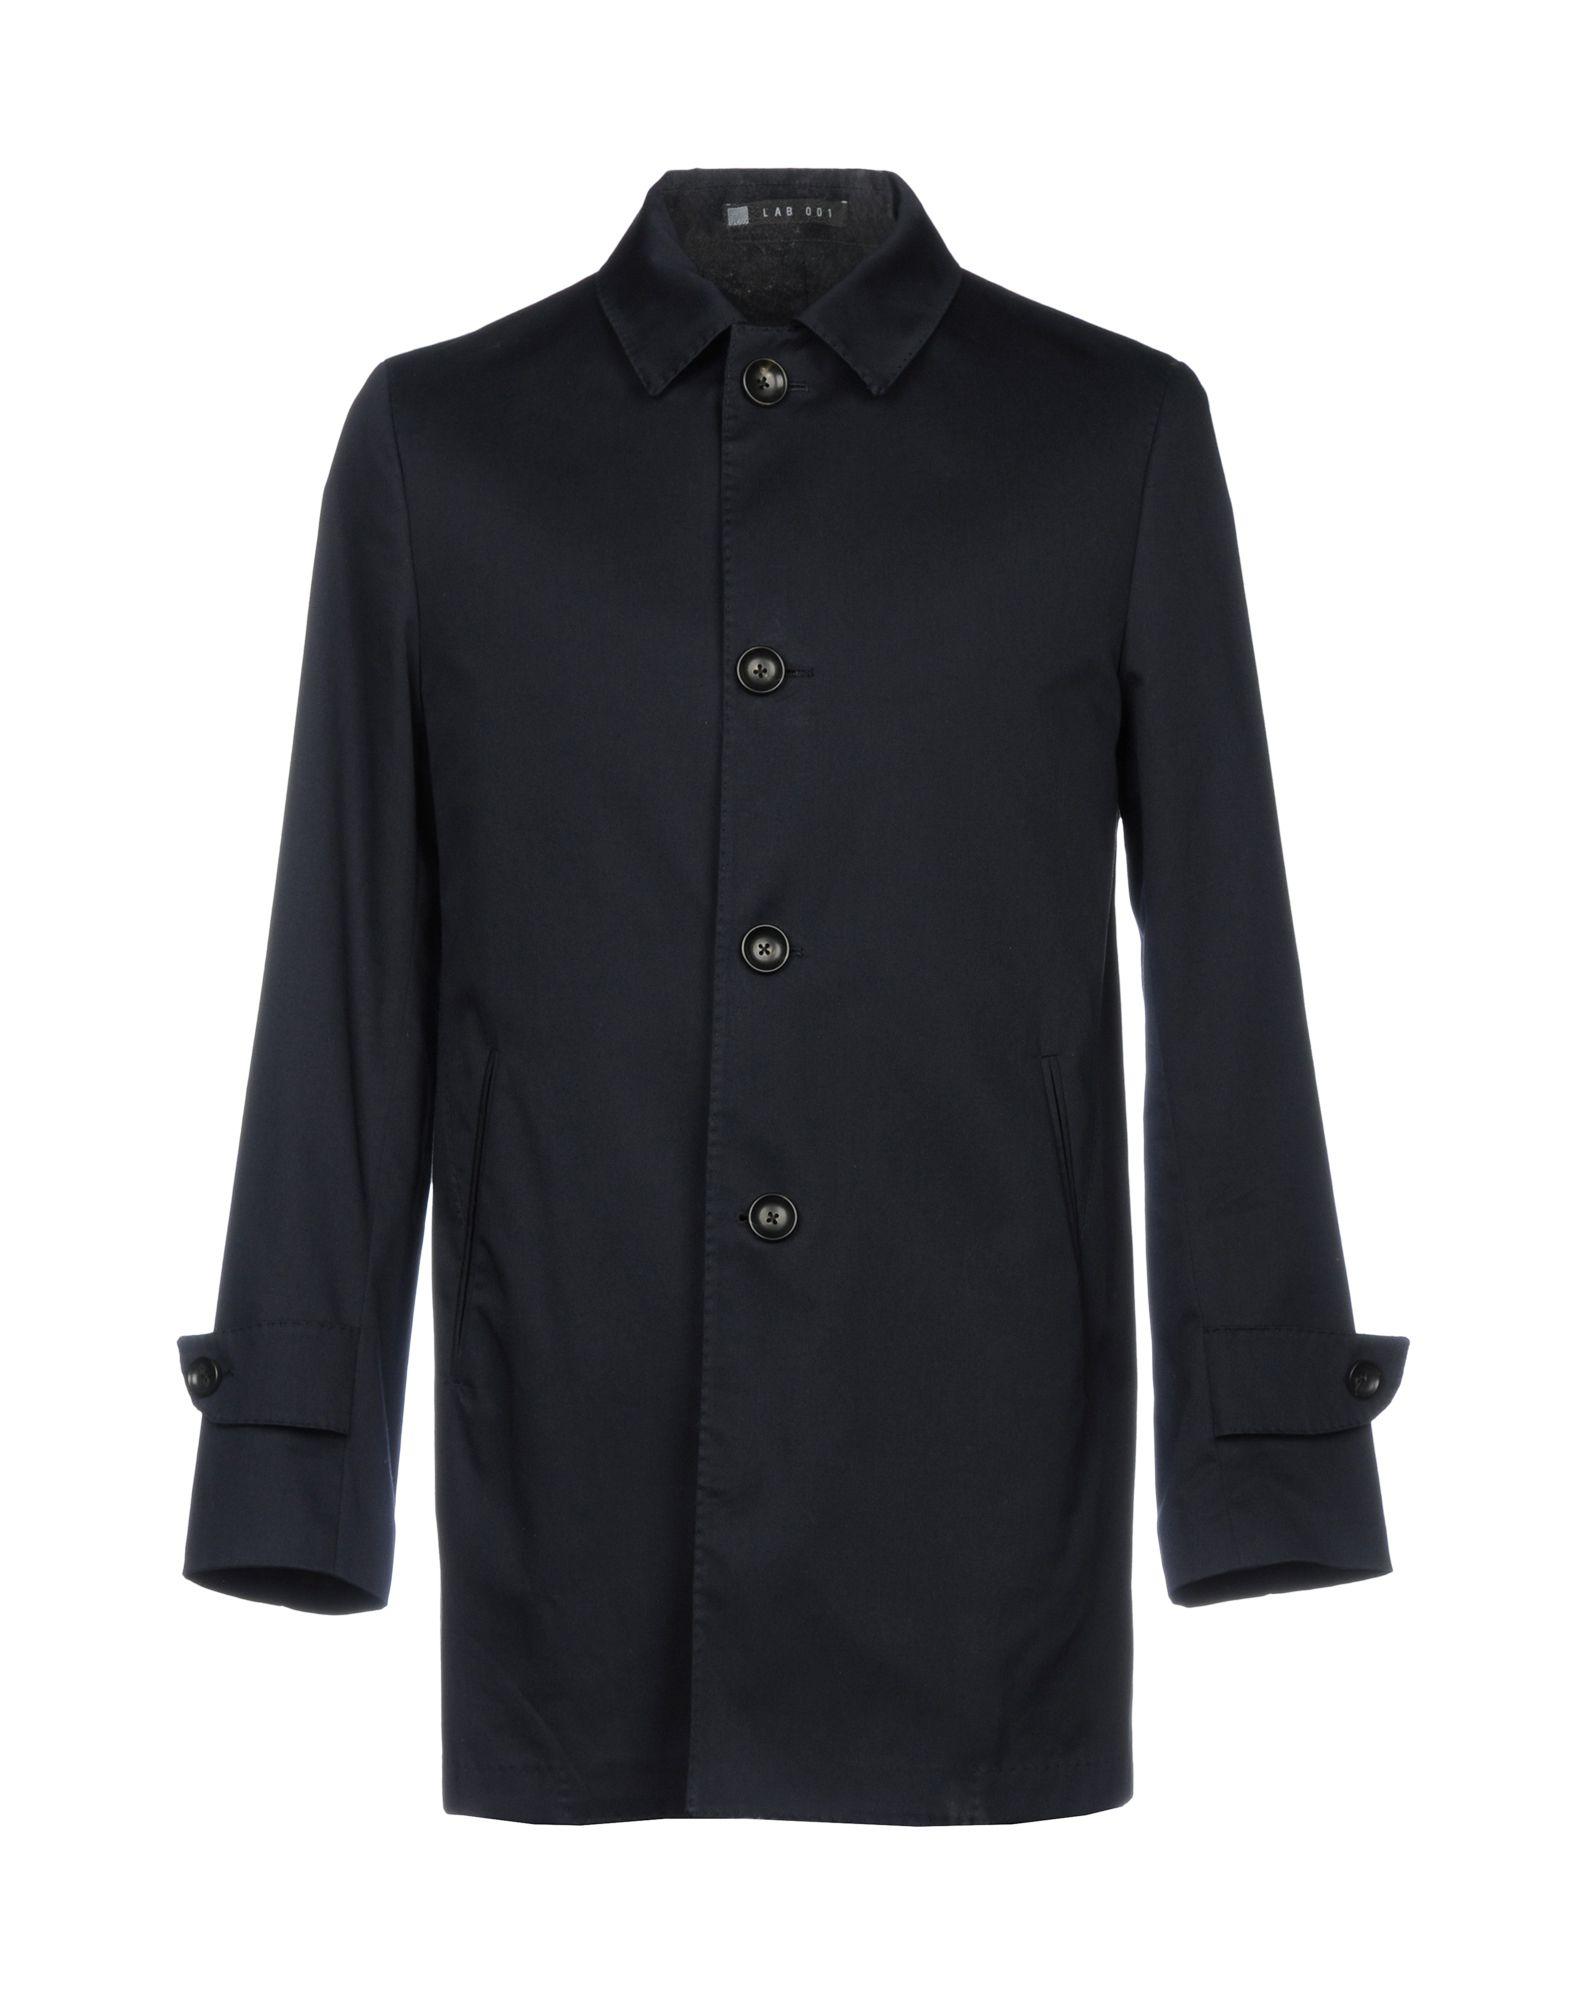 LAB 001 Легкое пальто пальто mexx mx3024459 coa 001